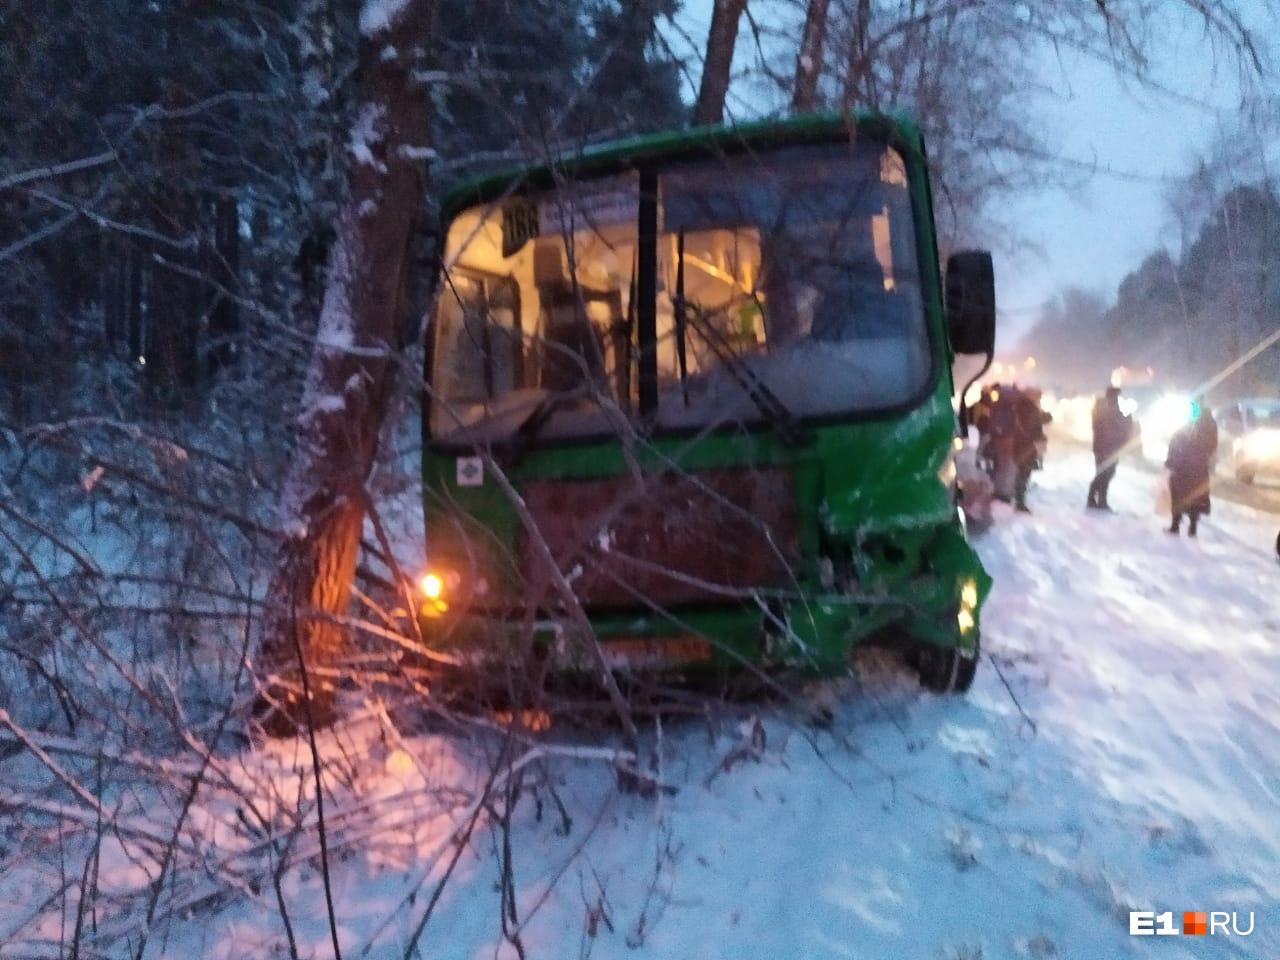 Авария произошла из-за столкновения со встречным автомобилем